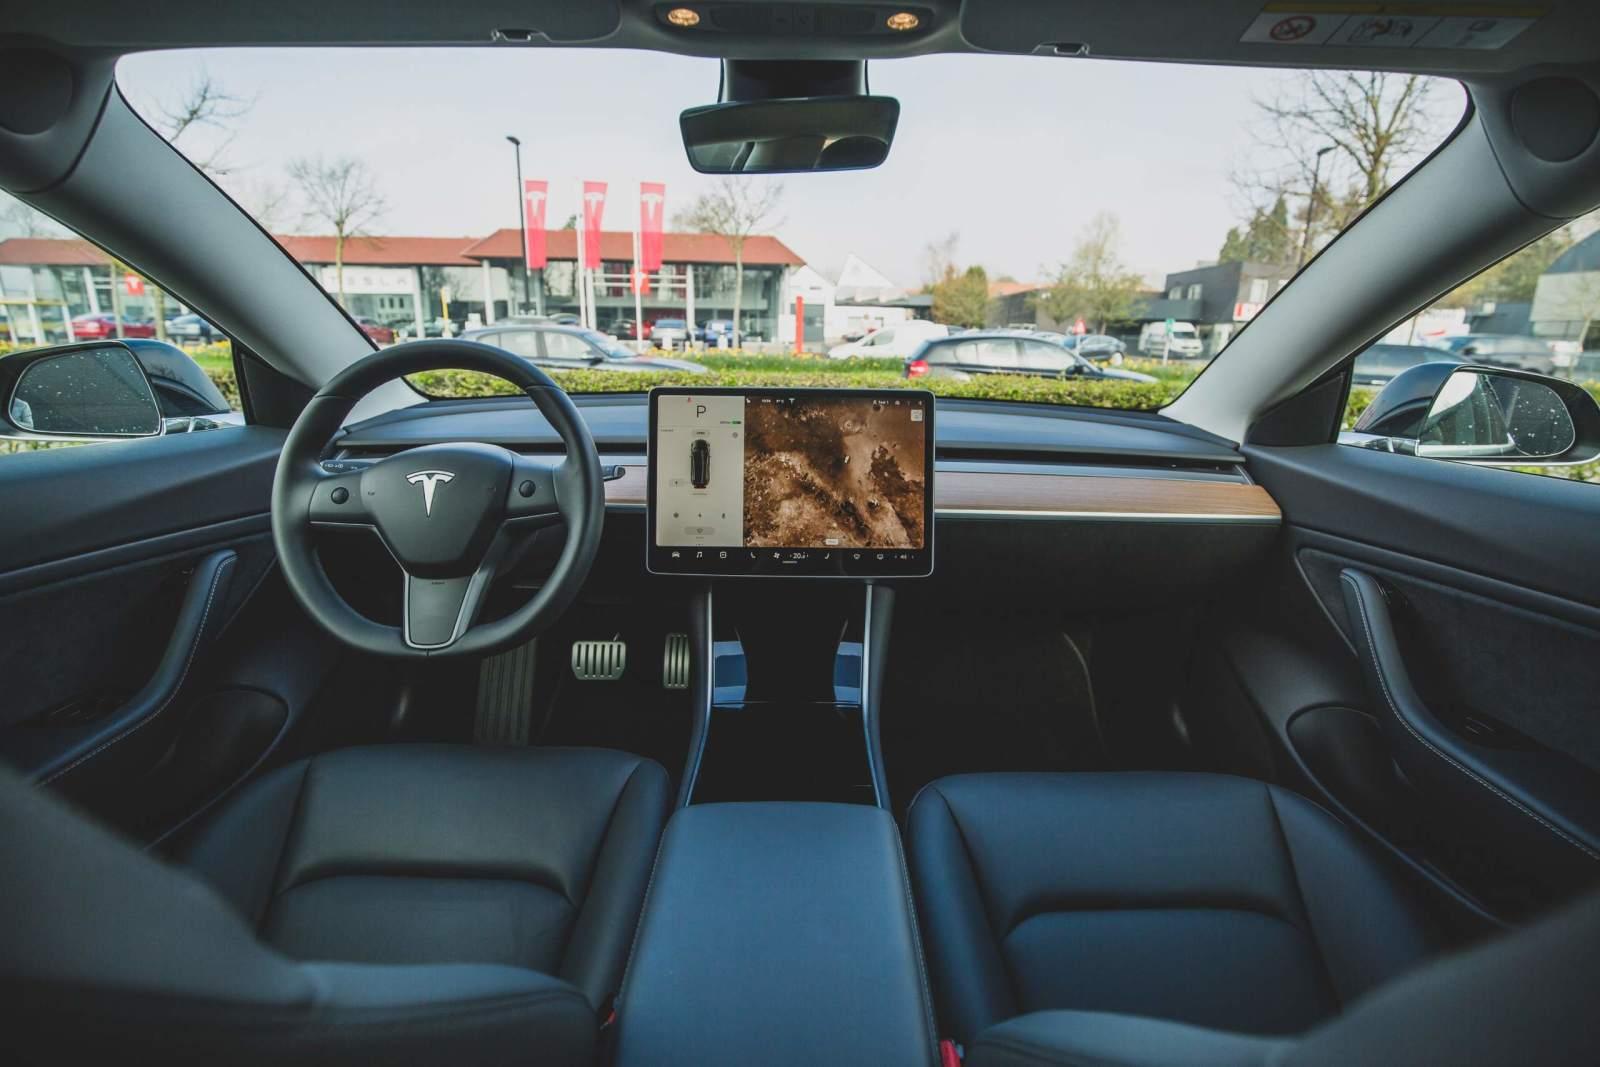 Innenraum eines Tesla Autos